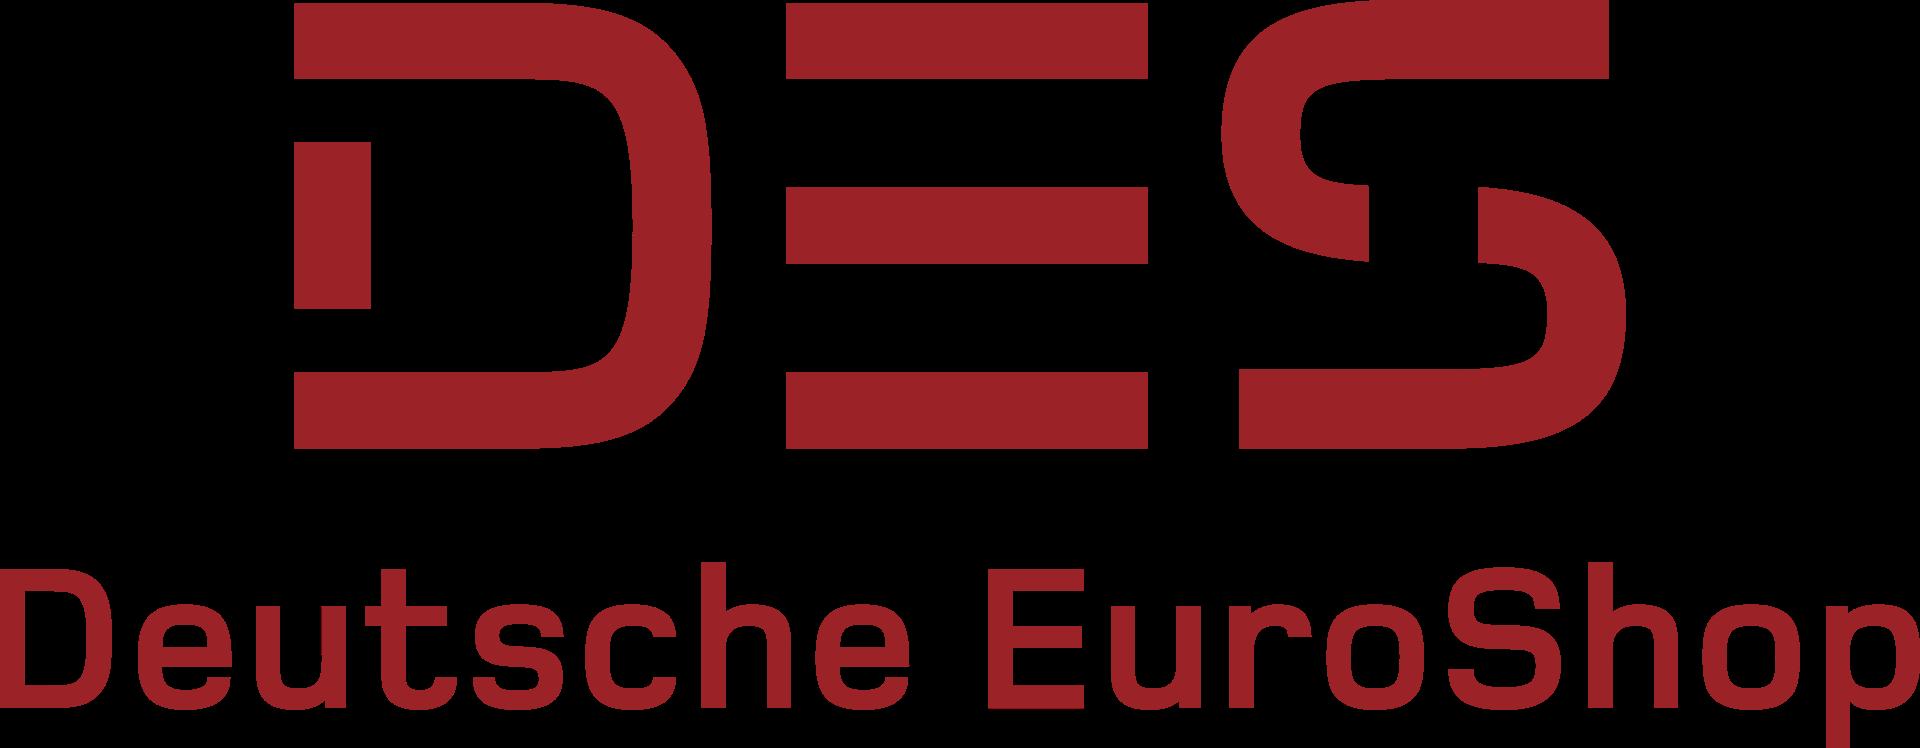 Depot: DeutscheEuroShop Logo